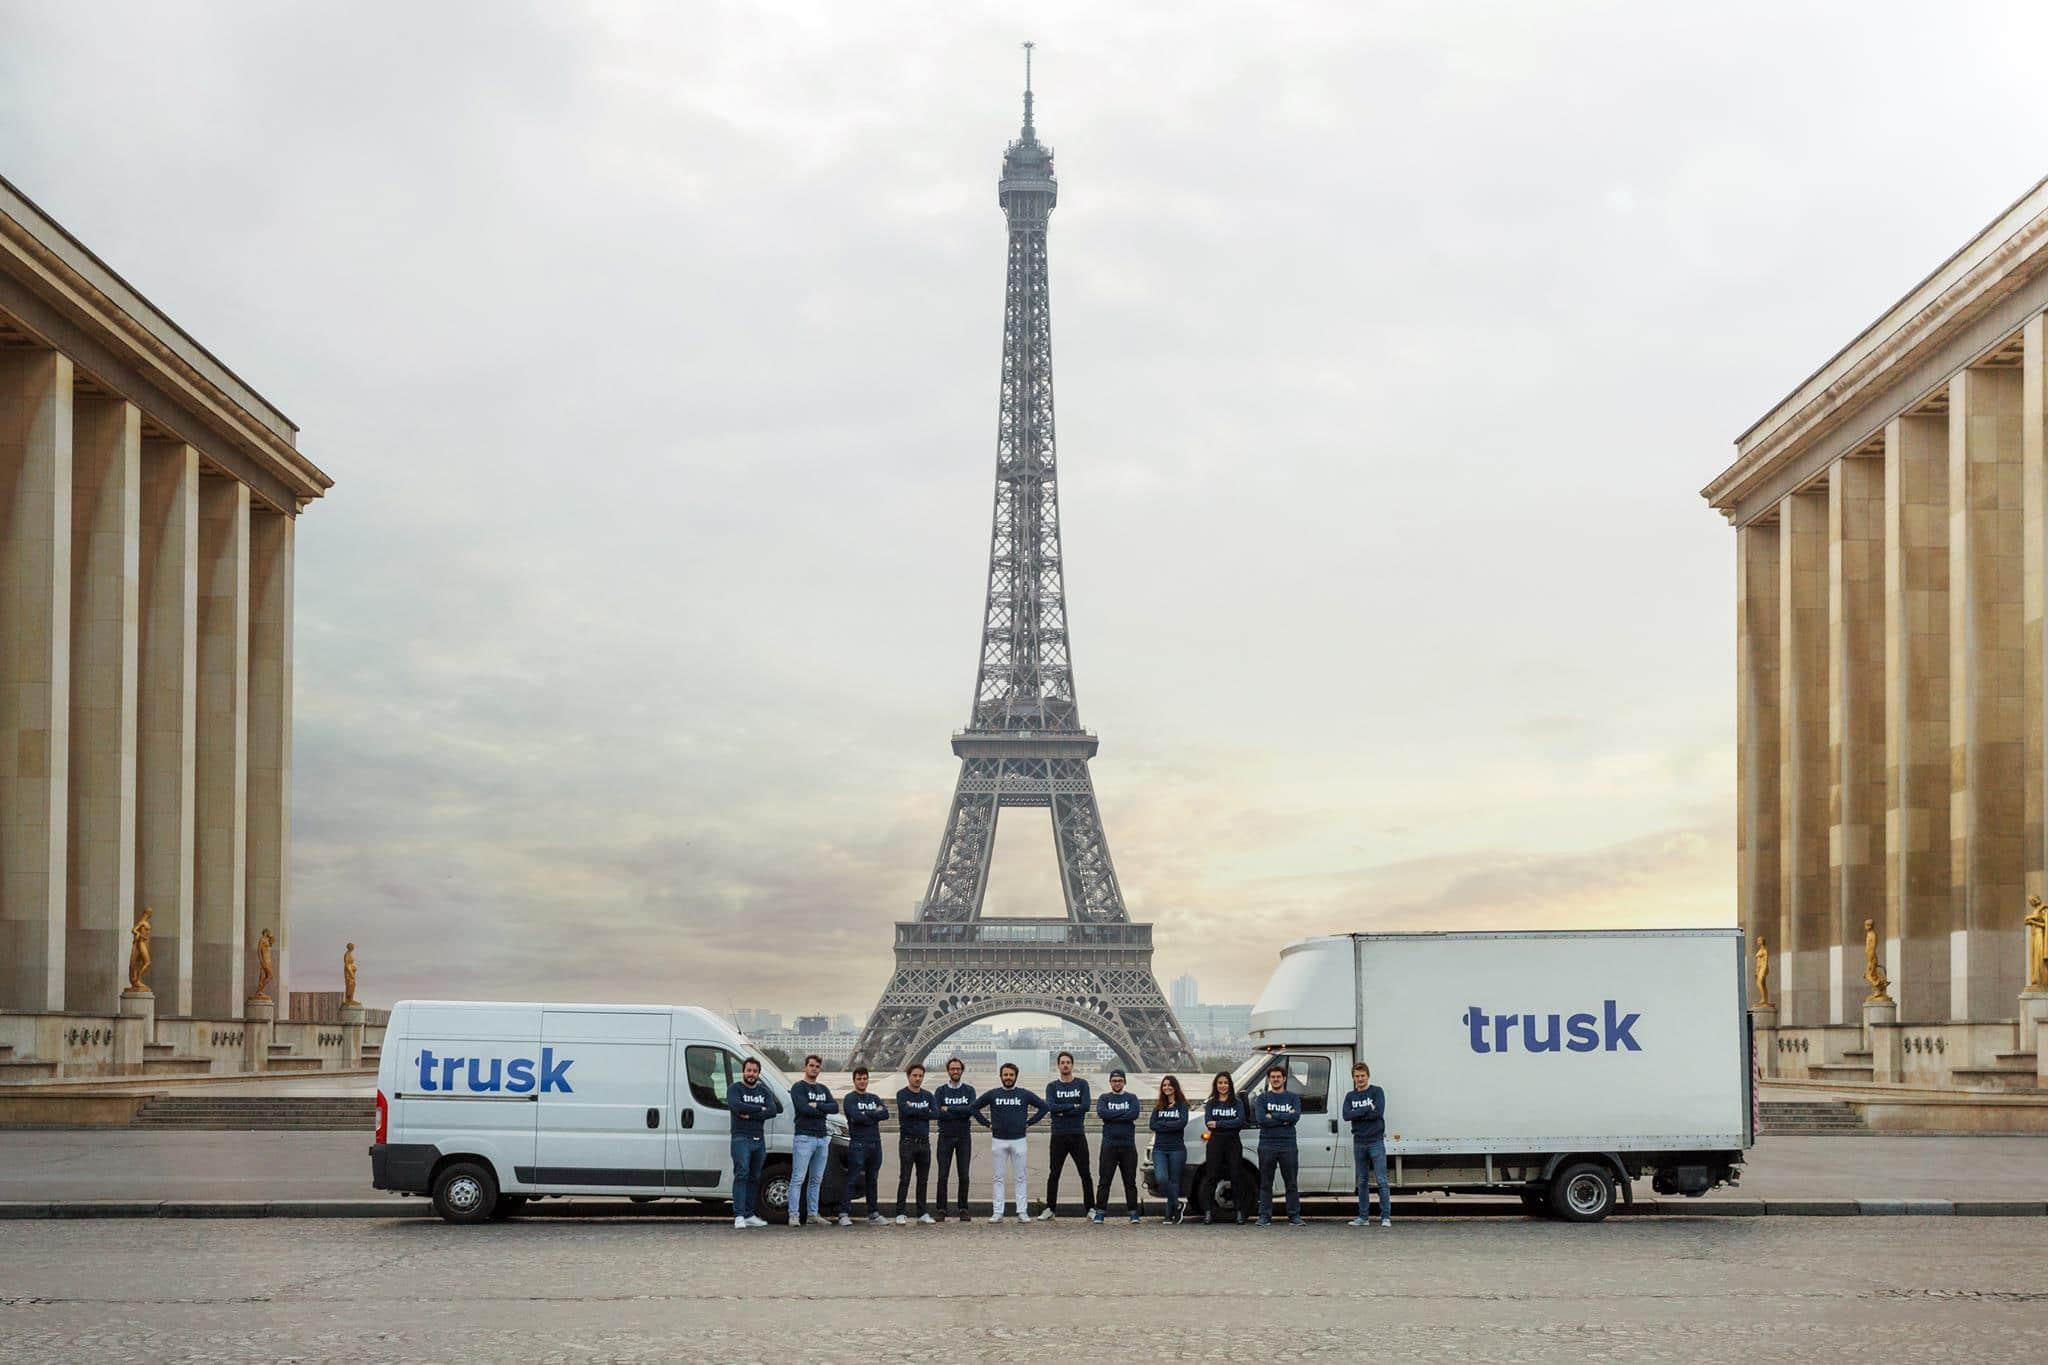 Le service Trusk est disponible en Île-de-France et à Londres. © Trusk